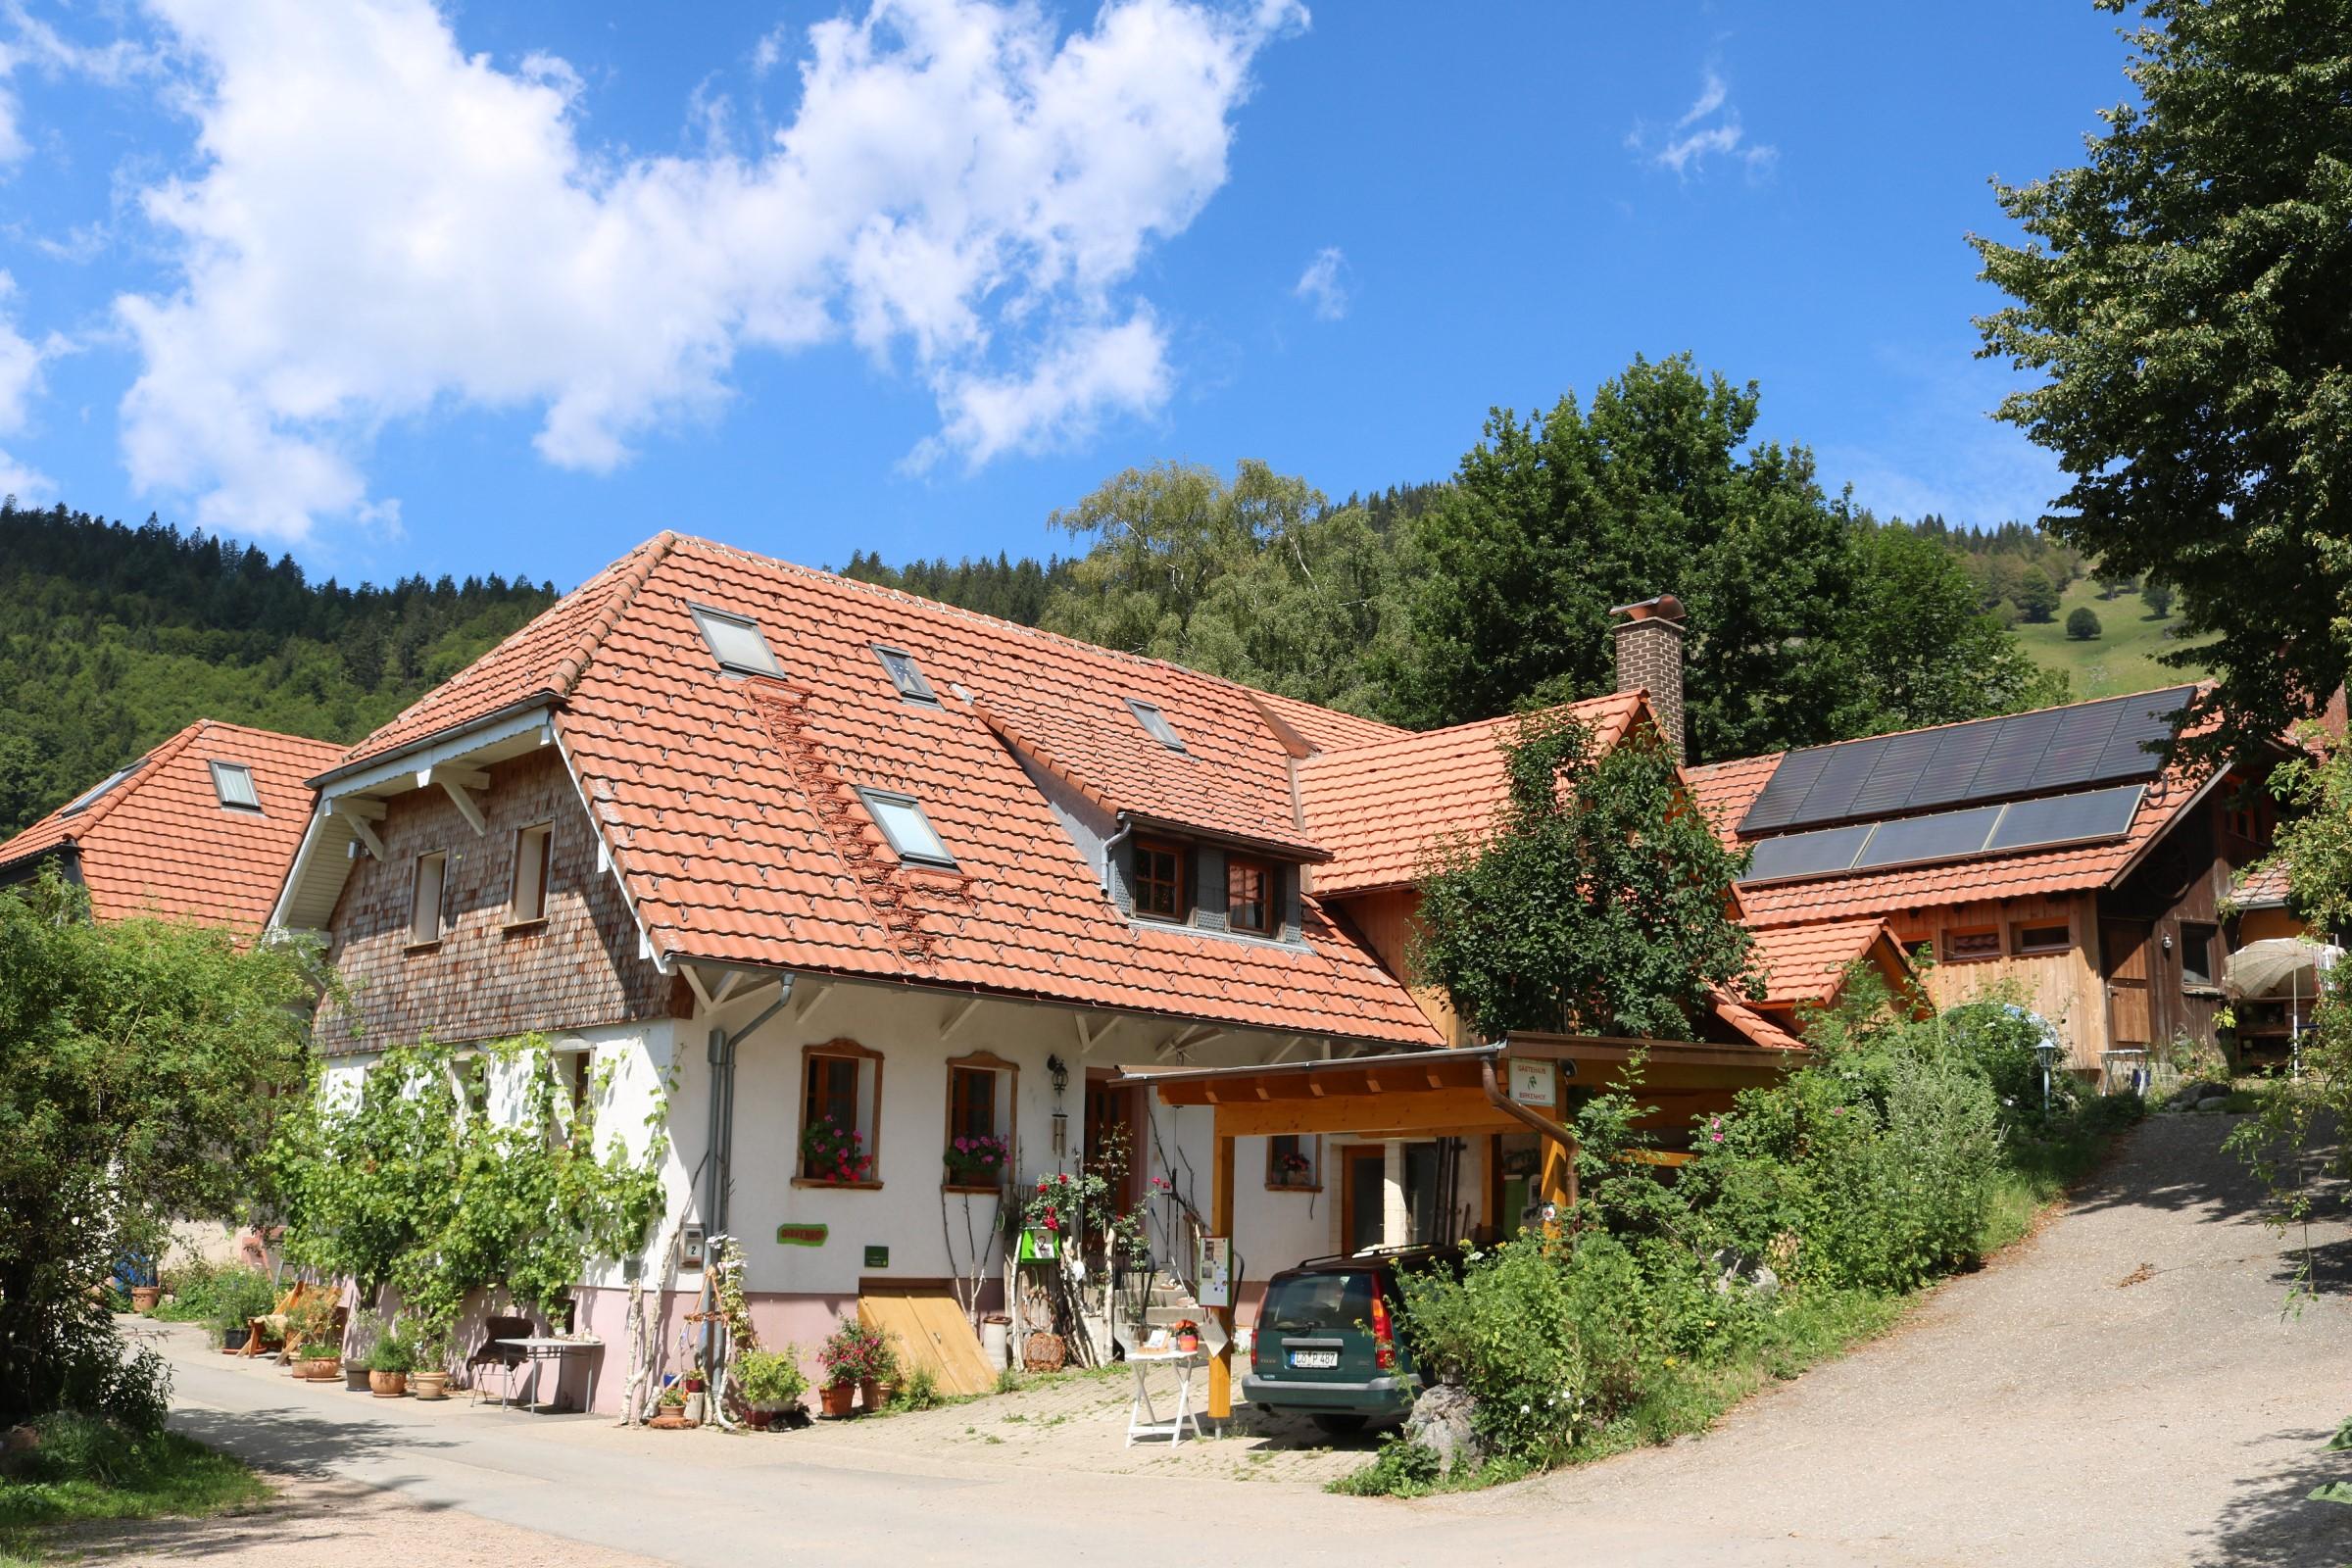 Gästehaus-Birkenhof-im-Juli